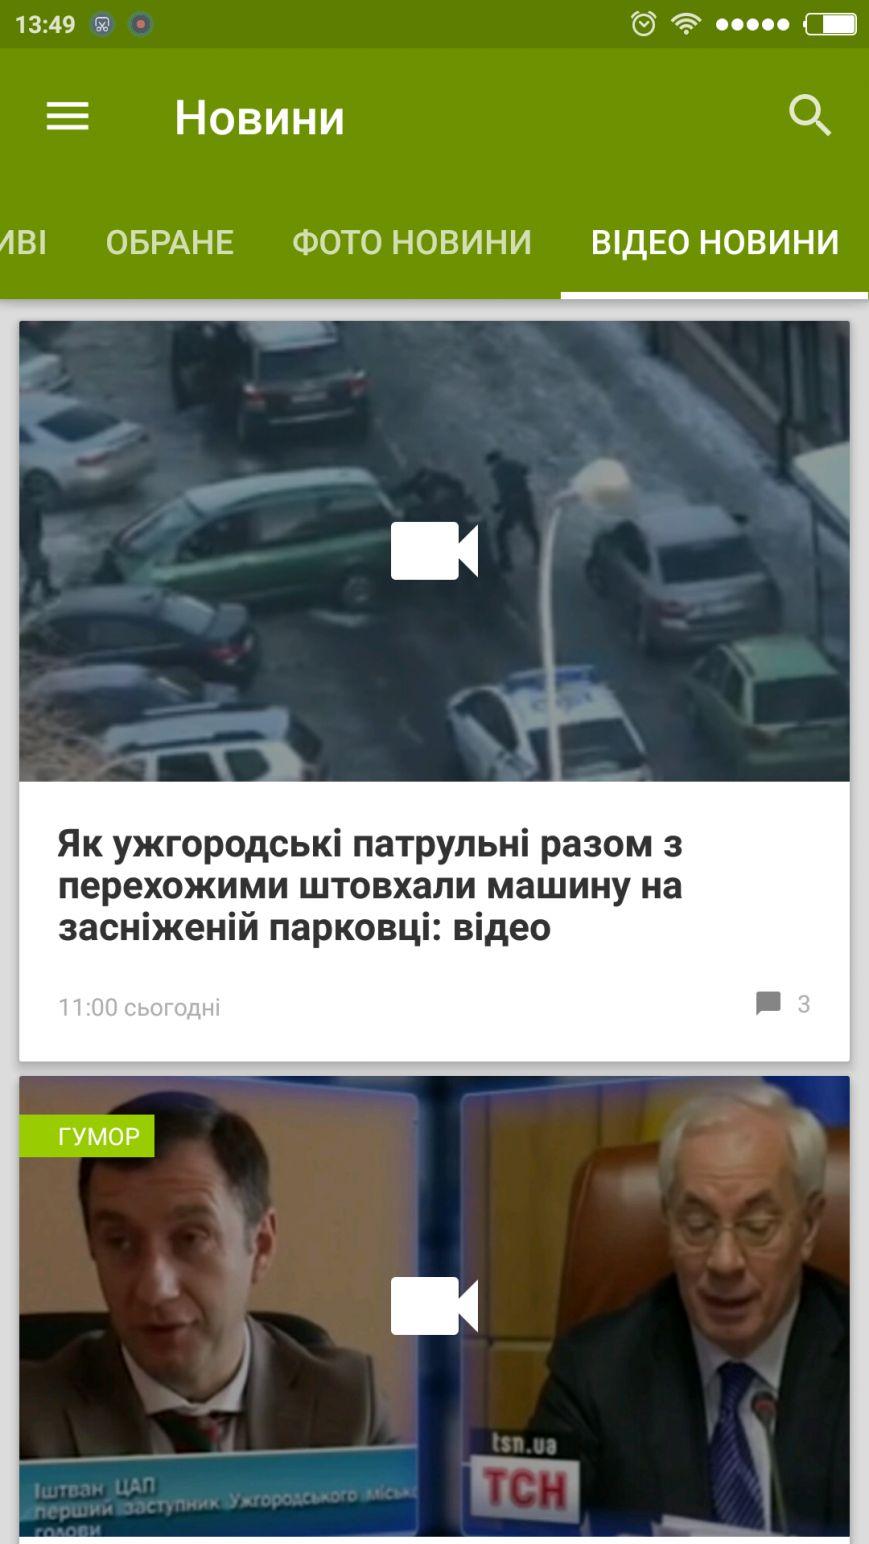 Screenshot_2017-01-23-13-49-29_ua.com.citysites.uzhgorod